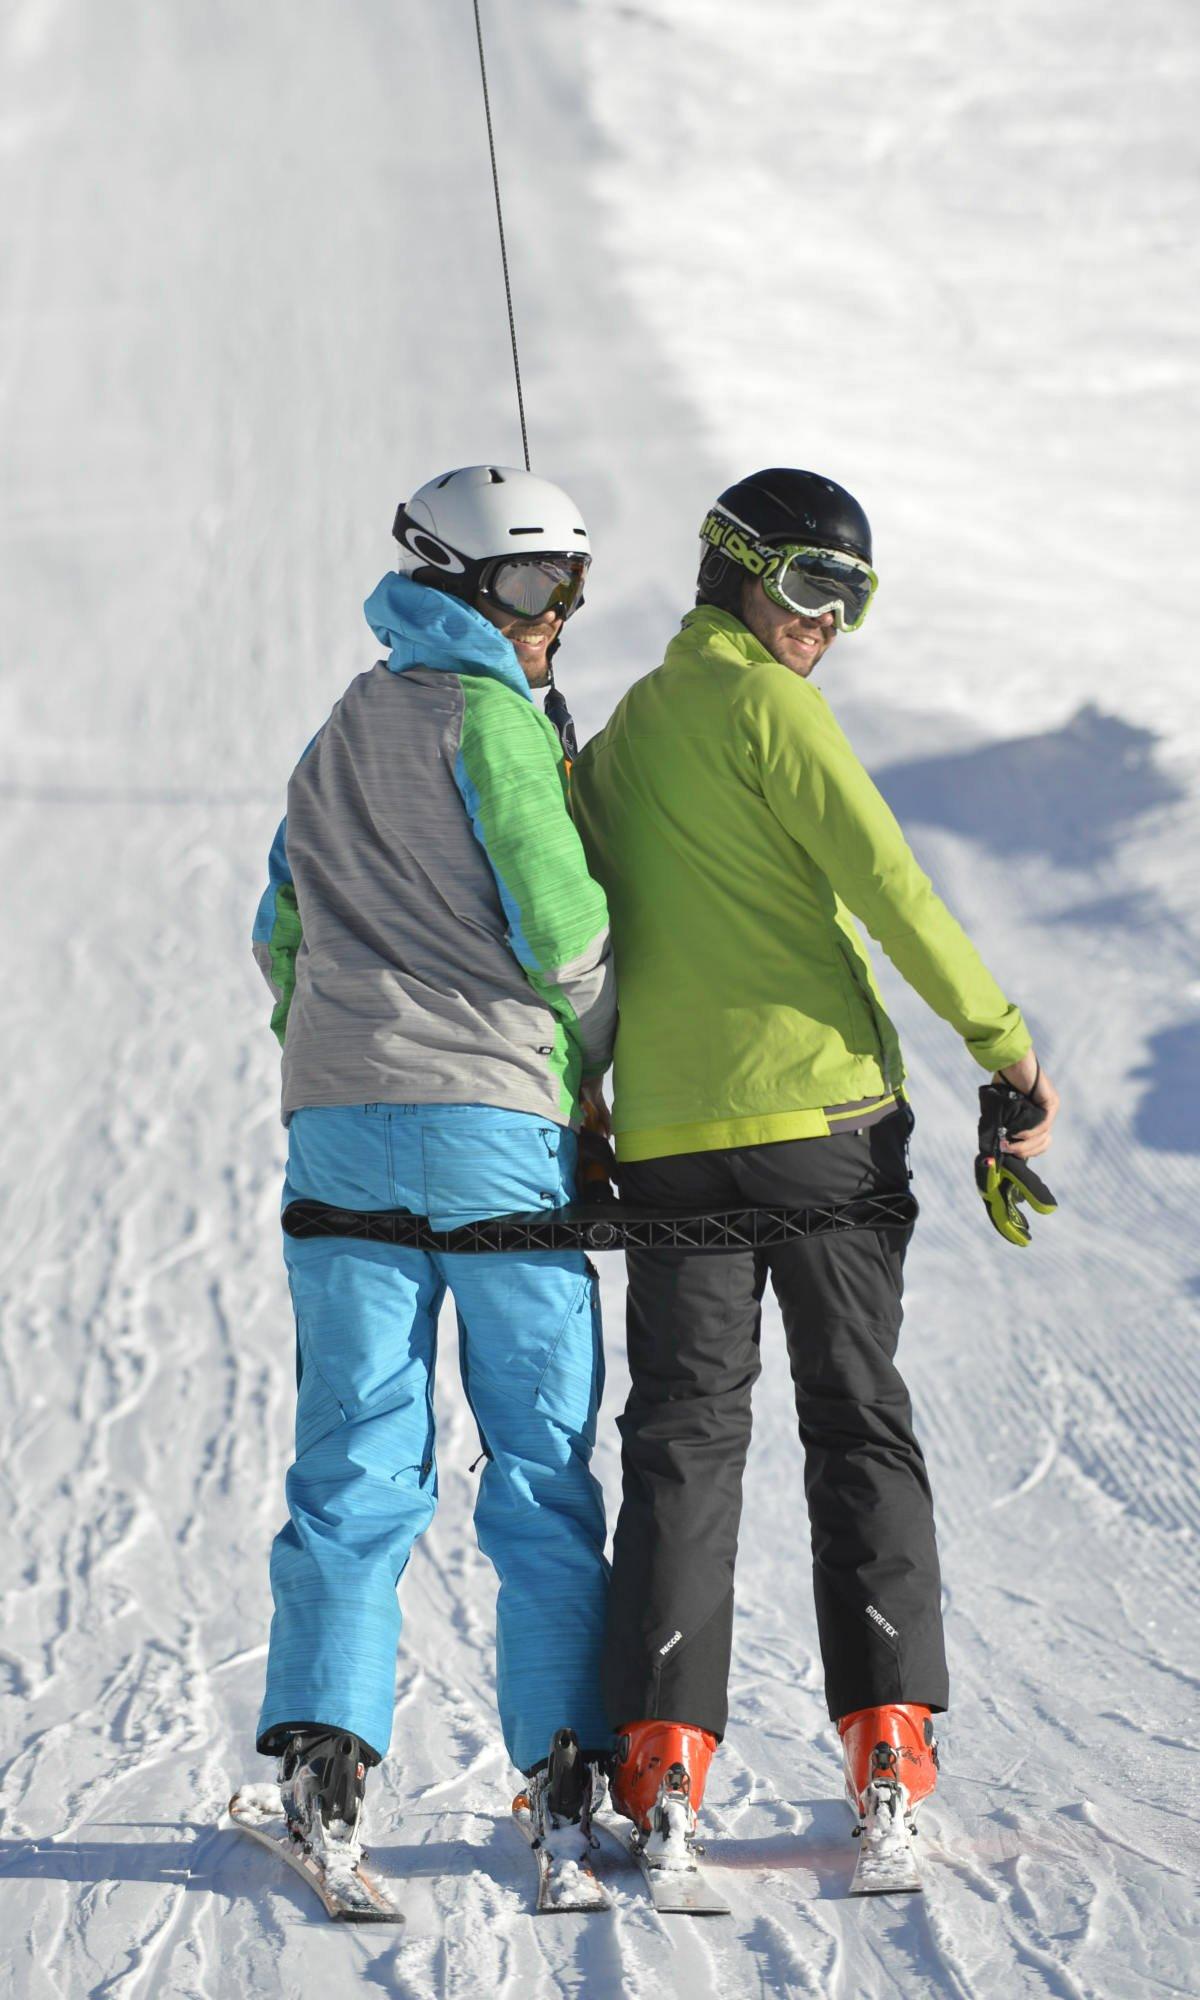 Zwei Skifahrer beim Fahren mit einem Bügellift.